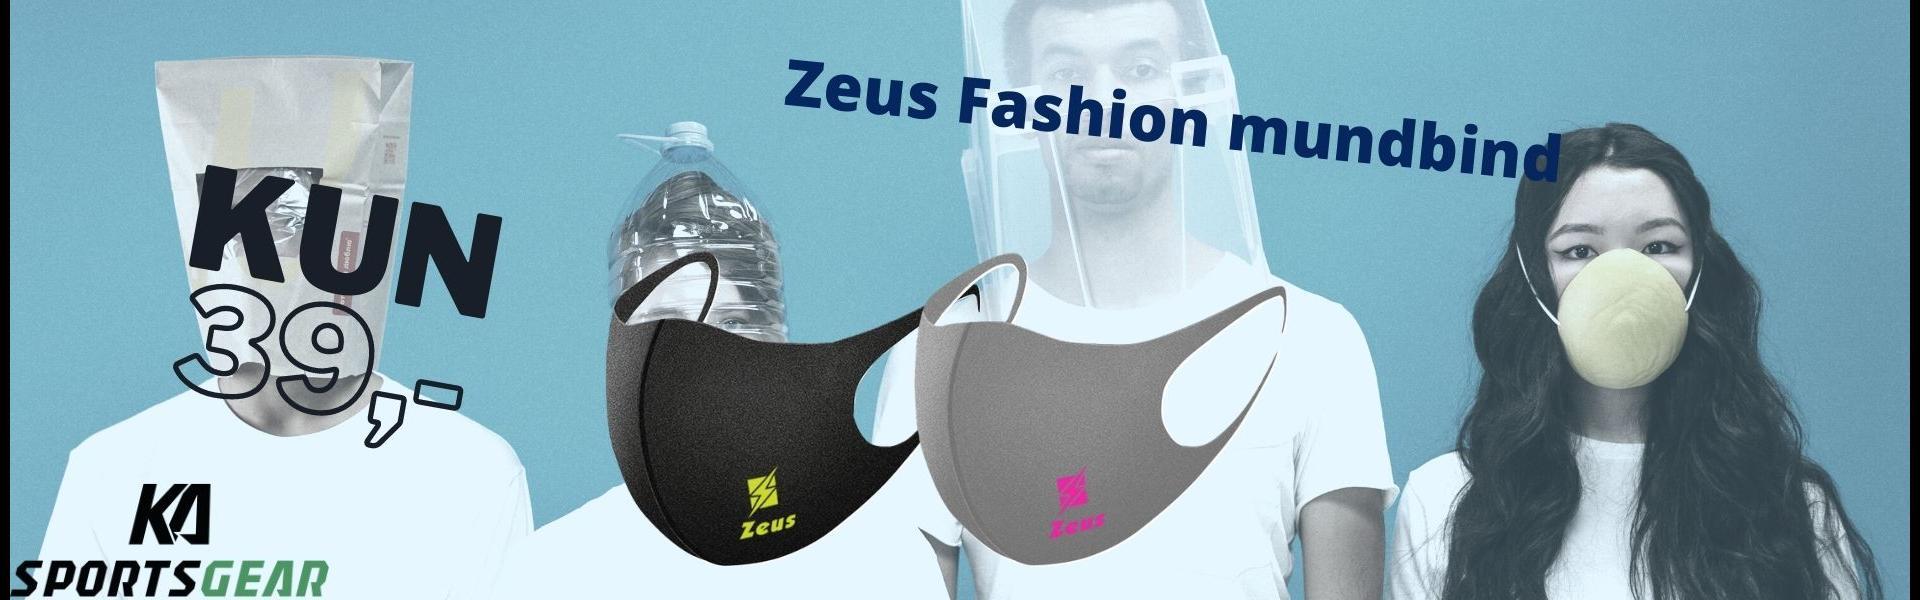 Zeus Fashion Mundbind - hvorfor ikke se smart ud også